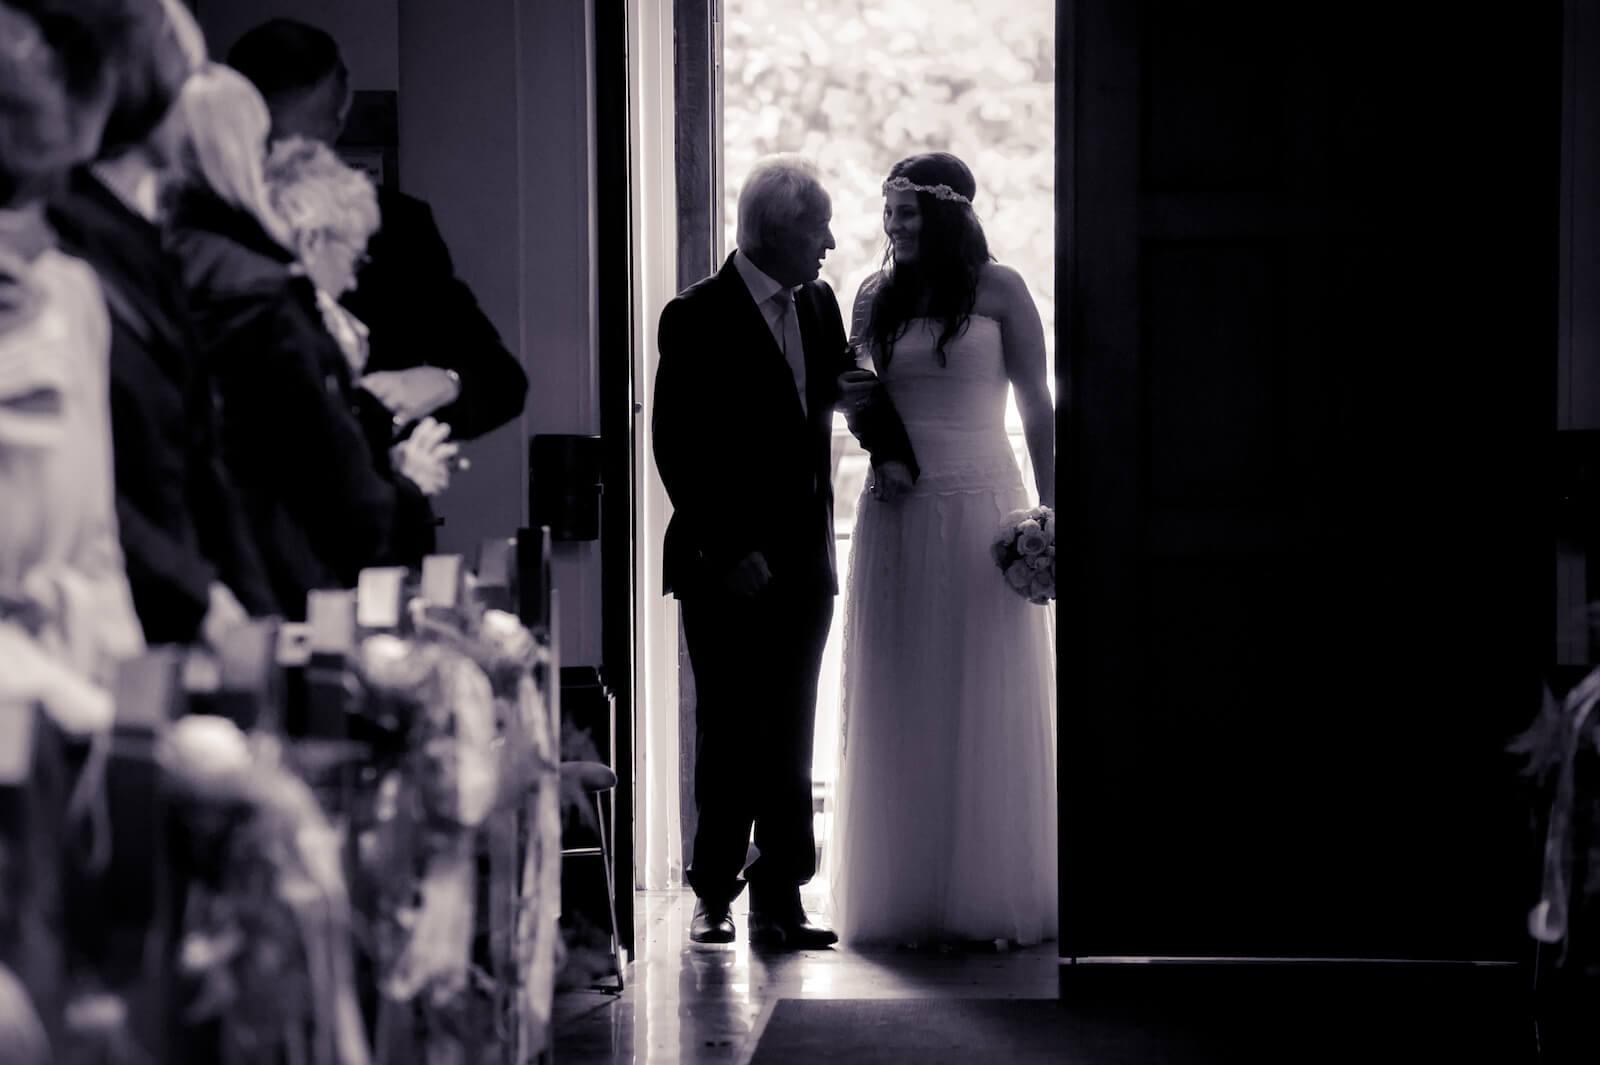 Hochzeit Bohostyle Landsberg - Vater führt Braut in die Kirche